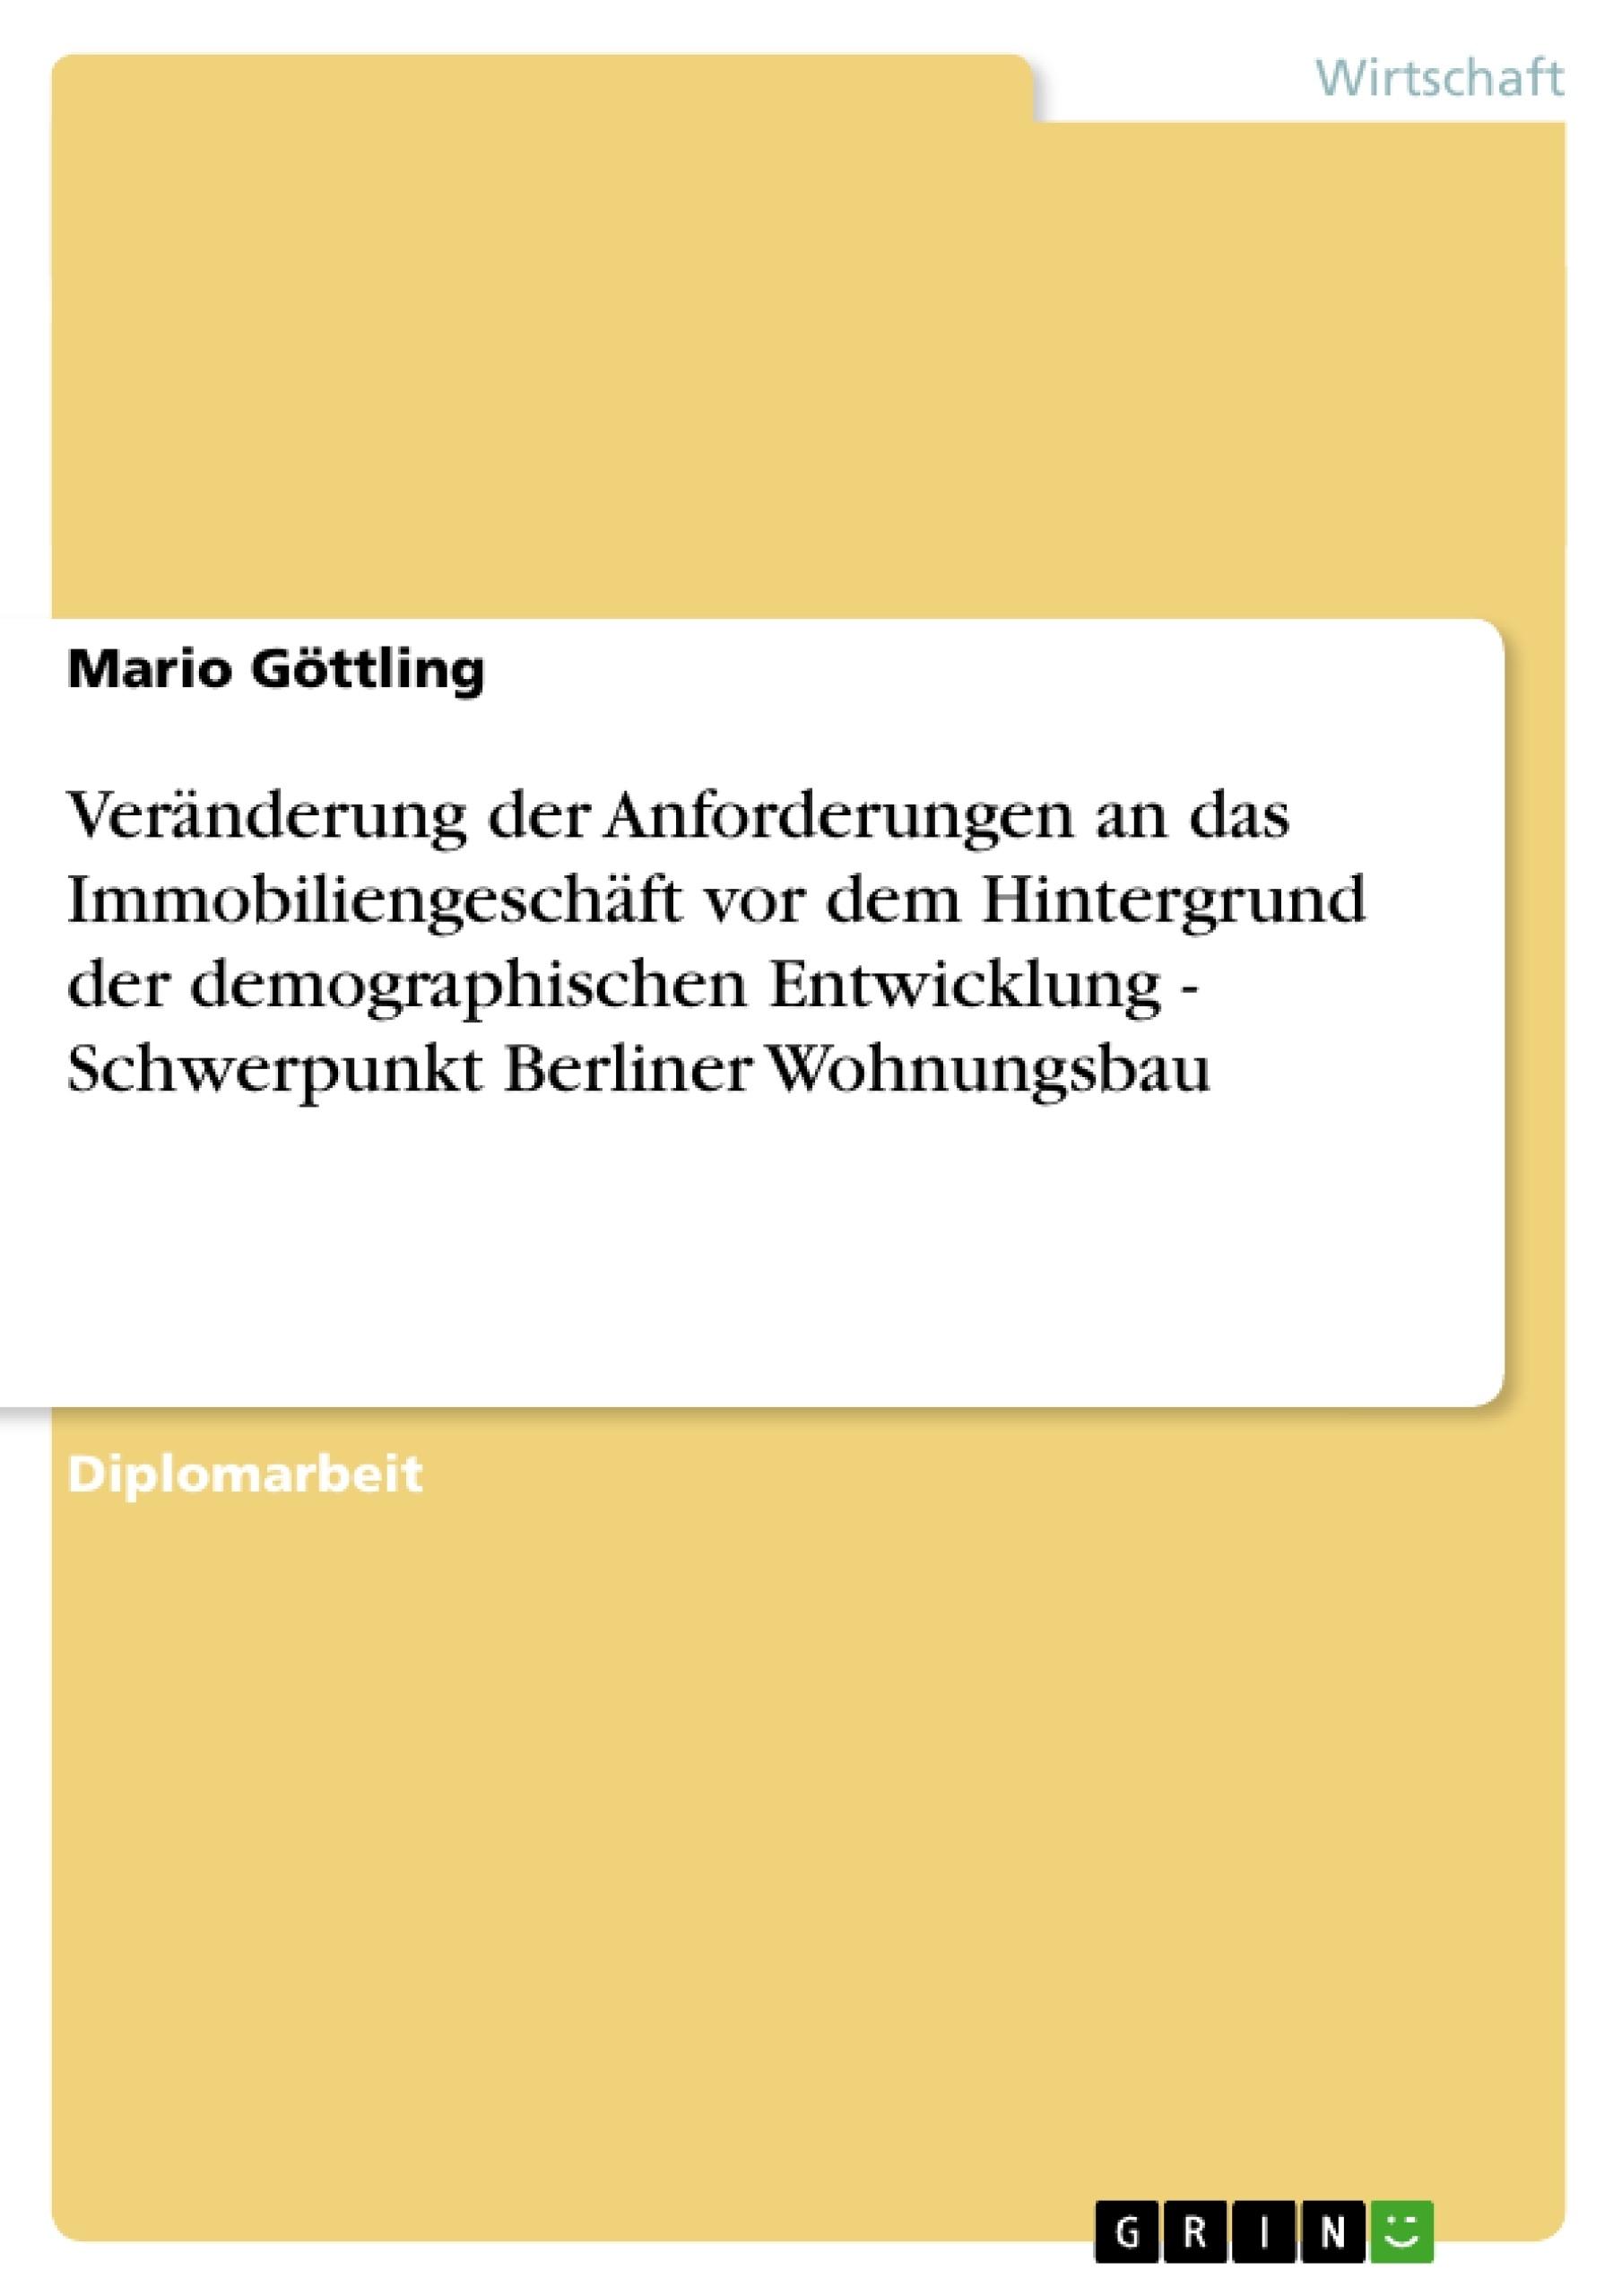 Titel: Veränderung der Anforderungen an das Immobiliengeschäft vor dem Hintergrund der demographischen Entwicklung - Schwerpunkt Berliner Wohnungsbau